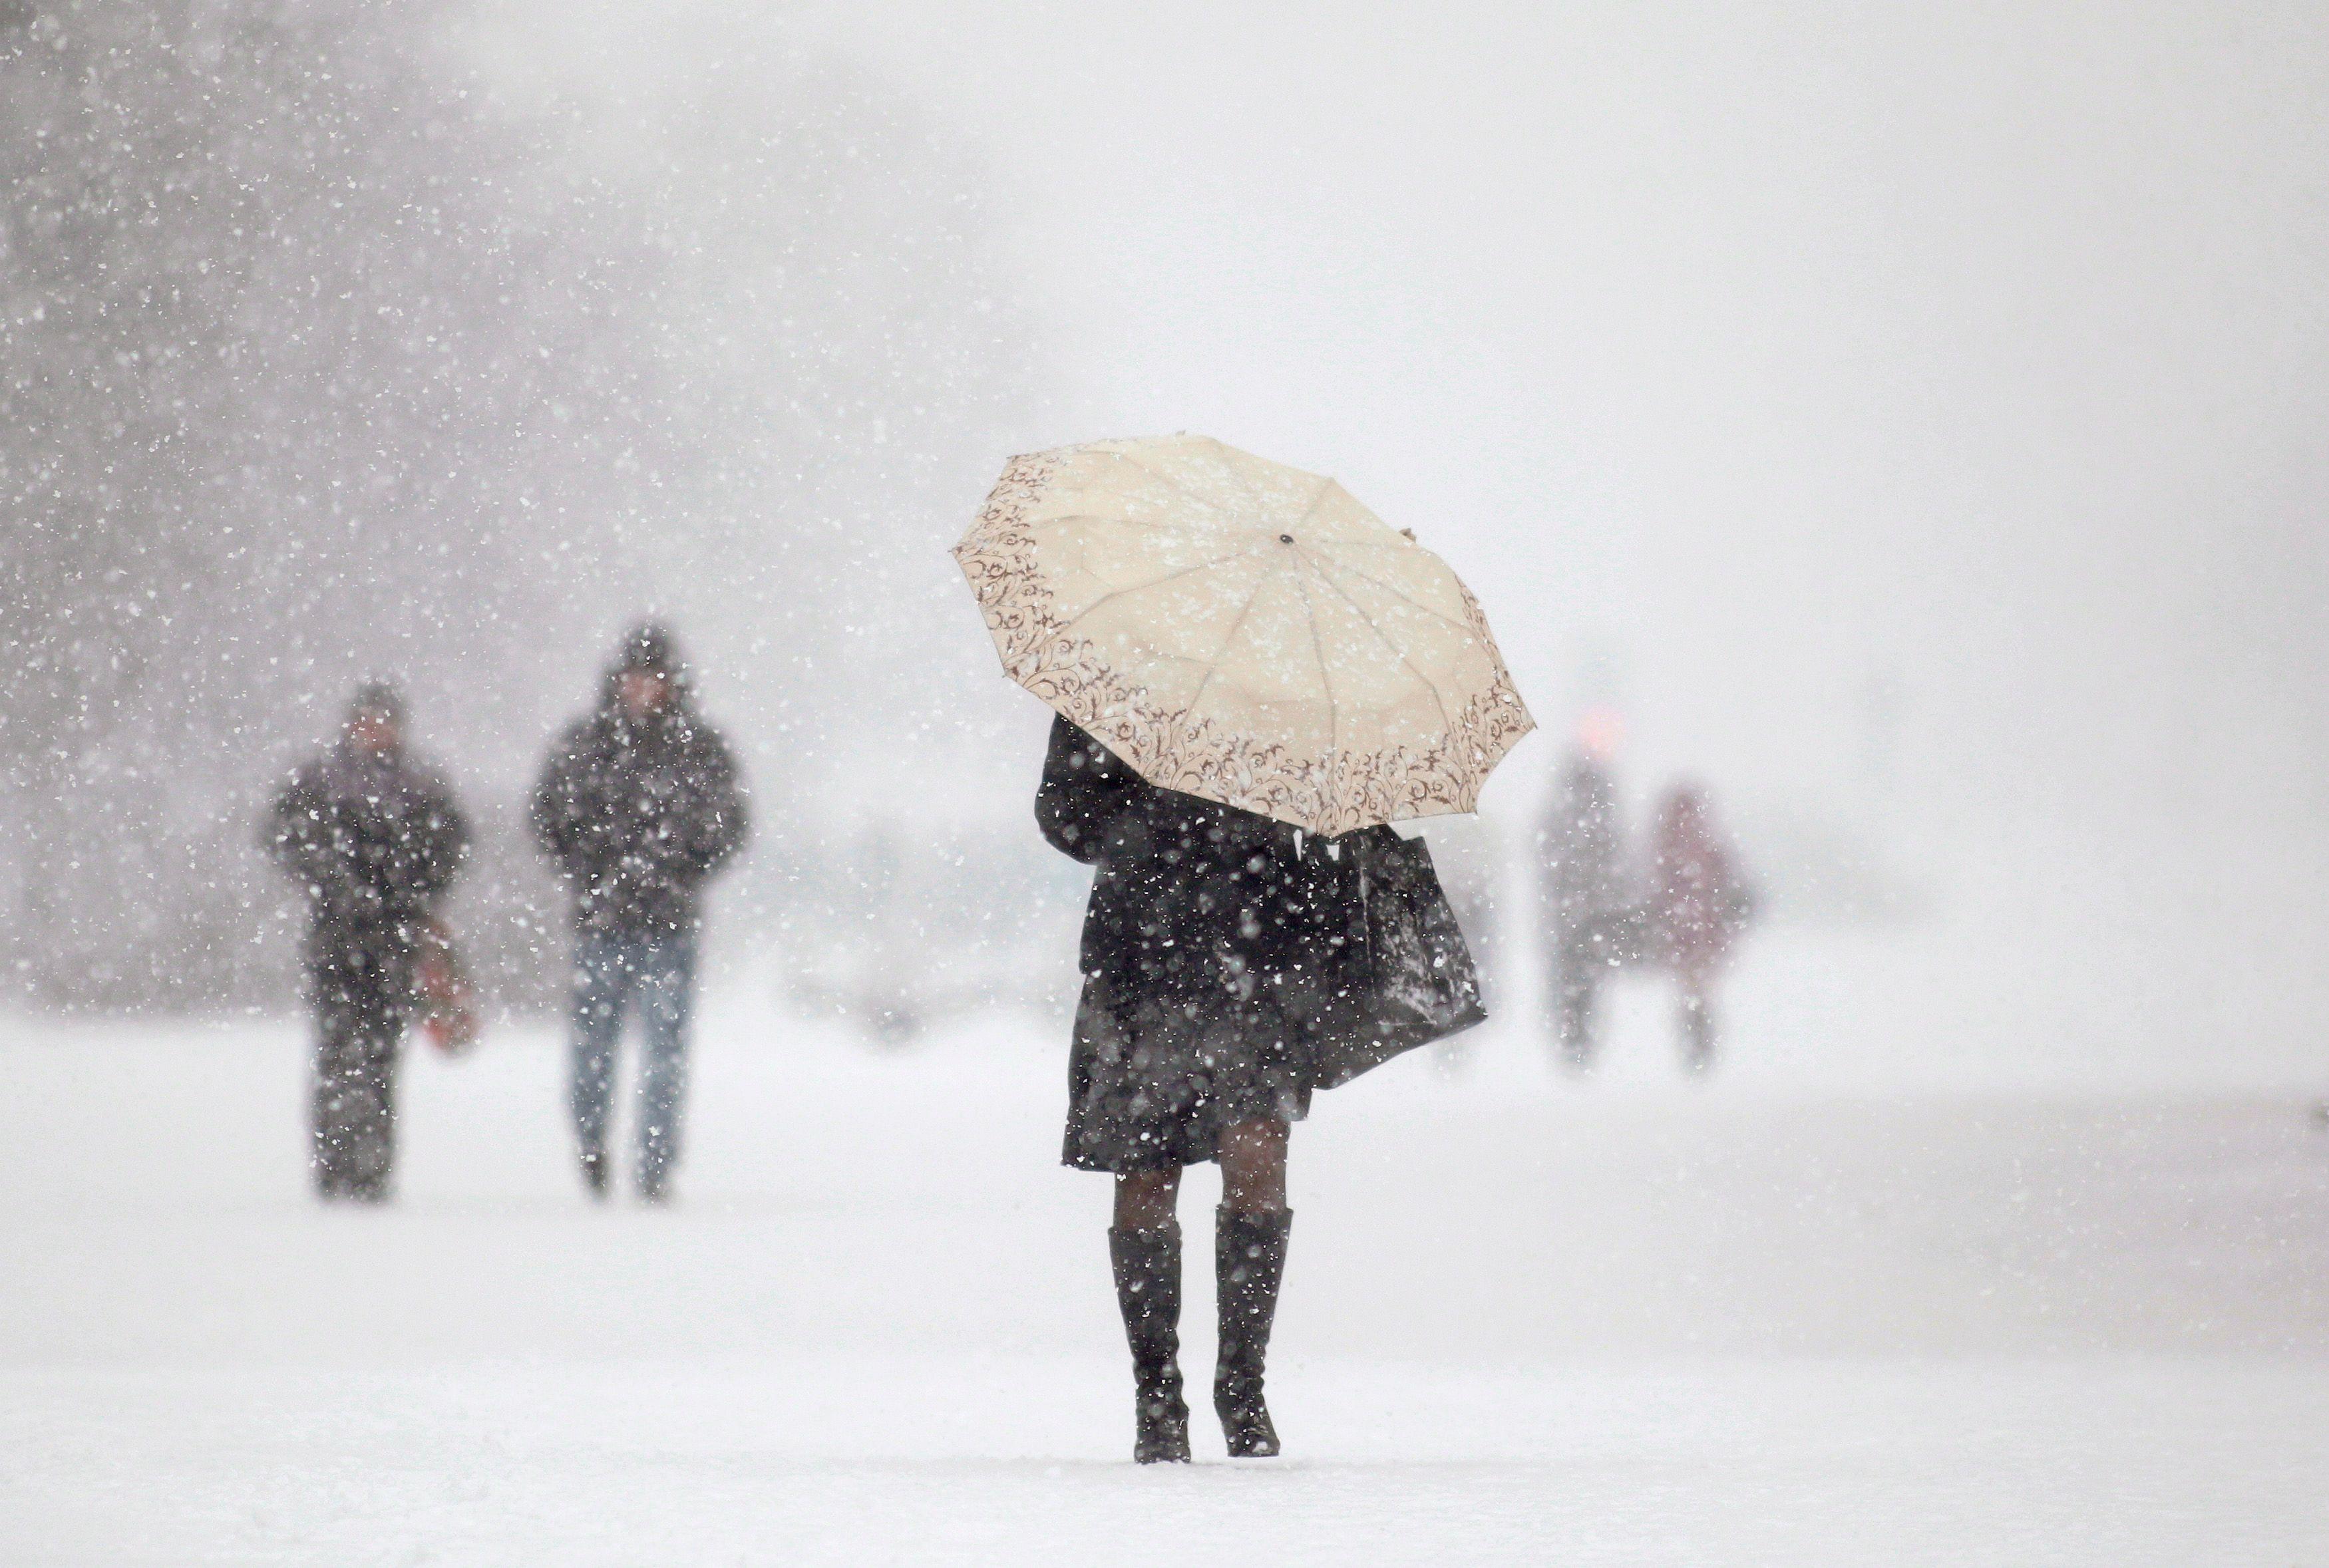 A vos mouffles : ce scientifique a trouvé l'indicateur qui nous annonce un hiver hyper rigoureux